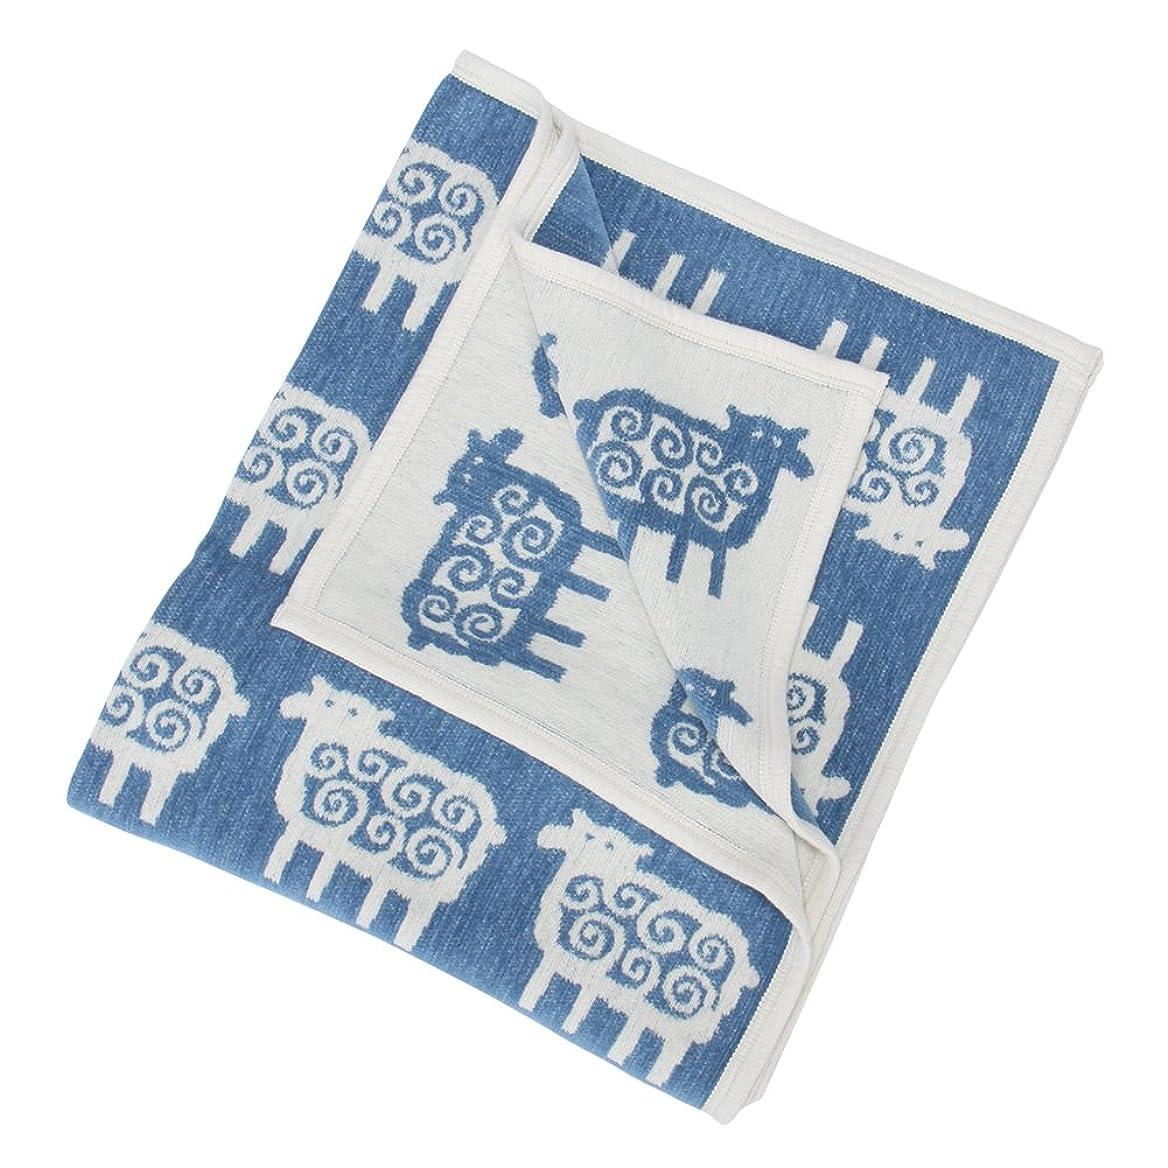 テレビを見る消費する玉Klippan [ クリッパン ] Chenille Blankets シュニール ブランケット Sheep シープ 膝掛け 毛布 ブランケット ブランケット ブルー 2502.03 [並行輸入品]